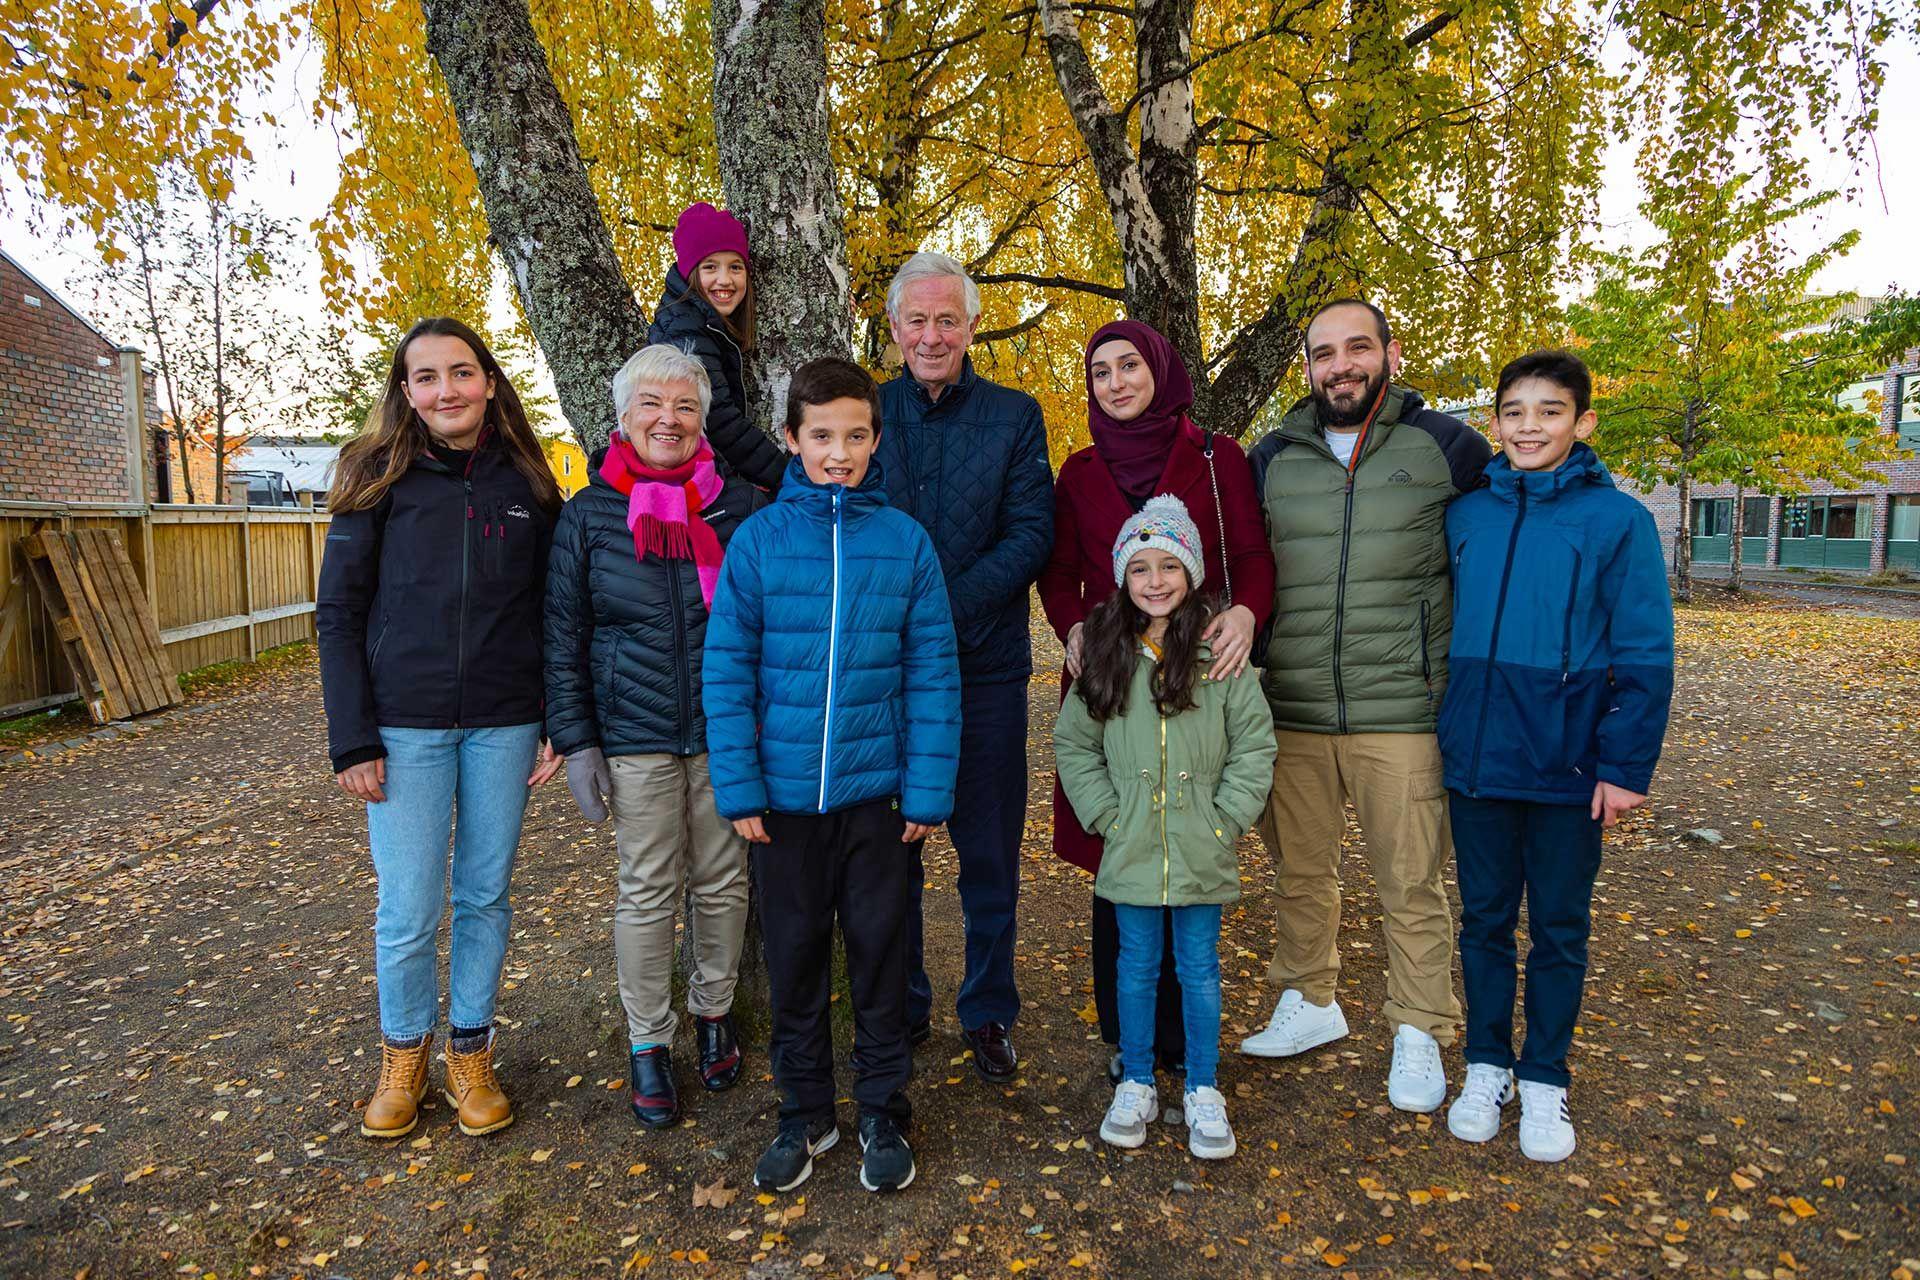 FULL_20191015_RdeKors-Flyktningguiden-8848.jpg